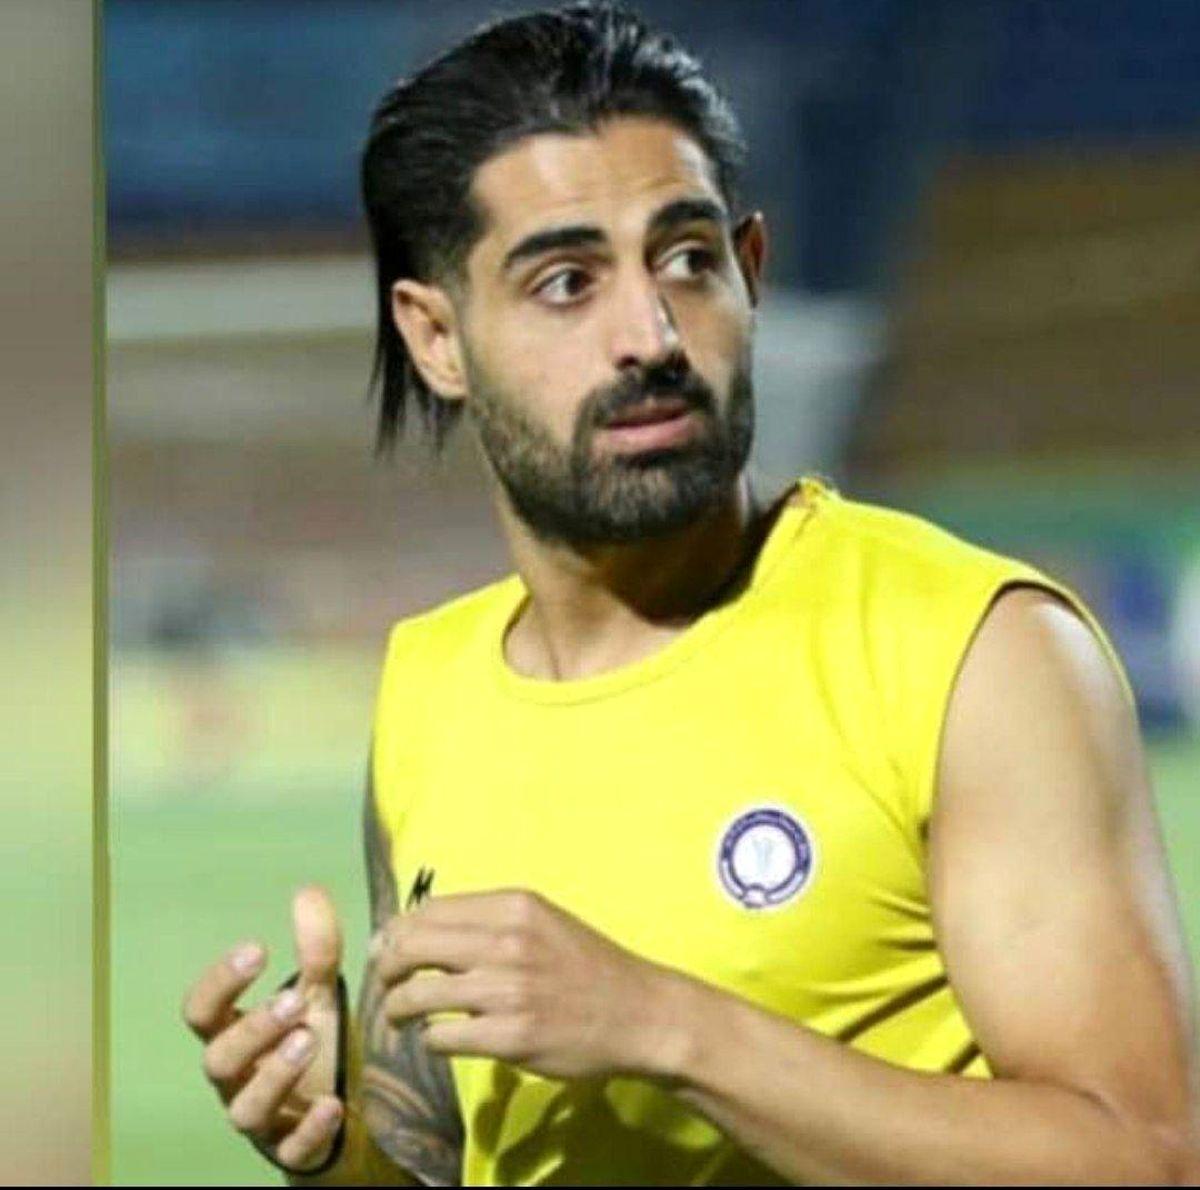 ابراهیمی در گفت وگو با فرتاک ورزشی: بازی در سپاهان را خیلی دوست دارم